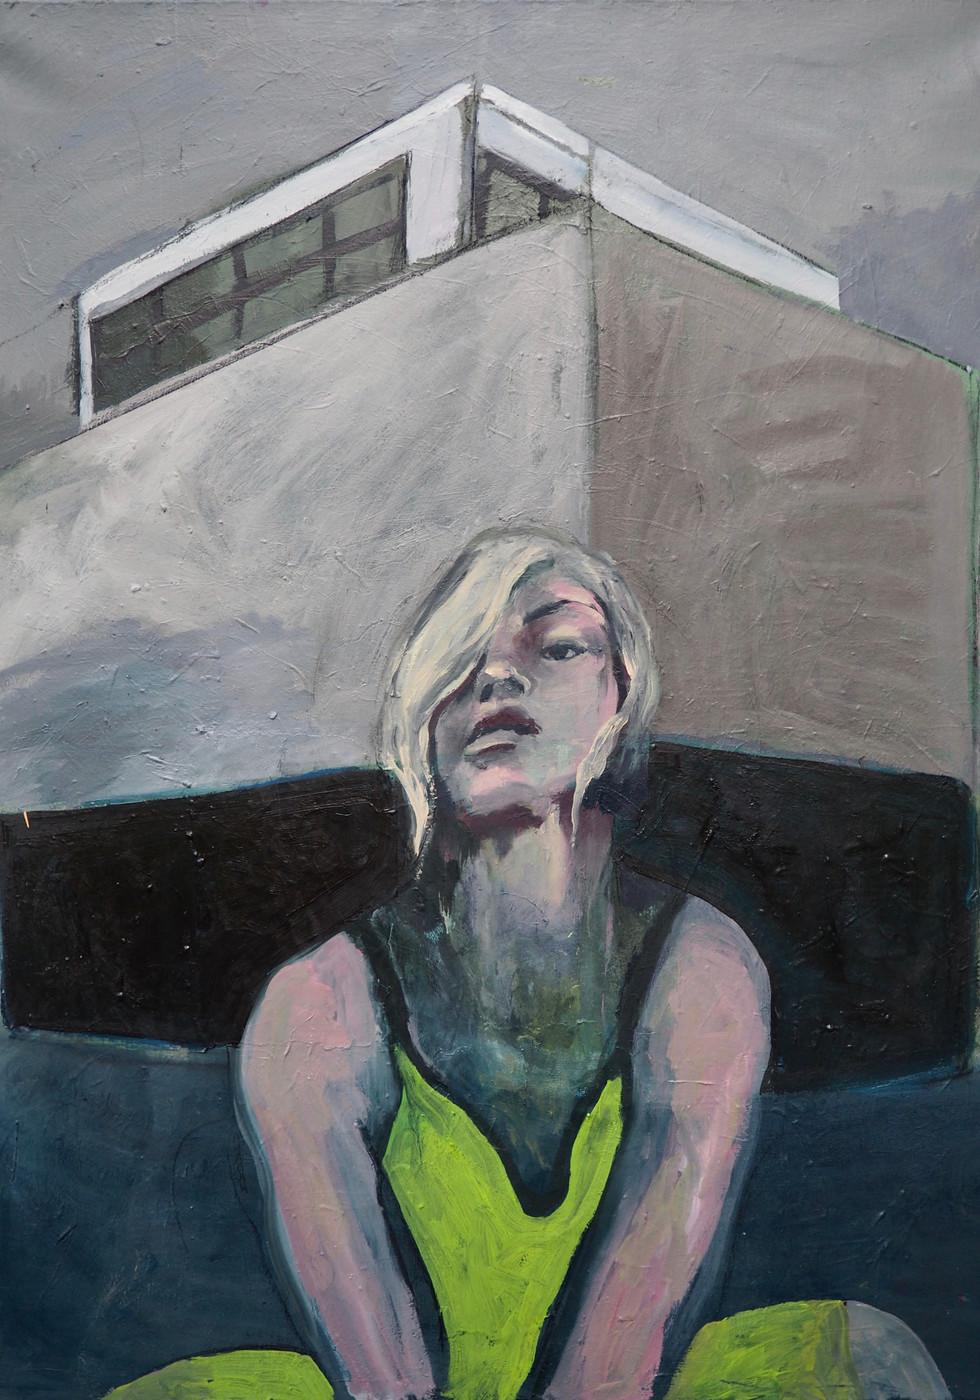 Femme et immeuble 89 _116,5 huile sur to